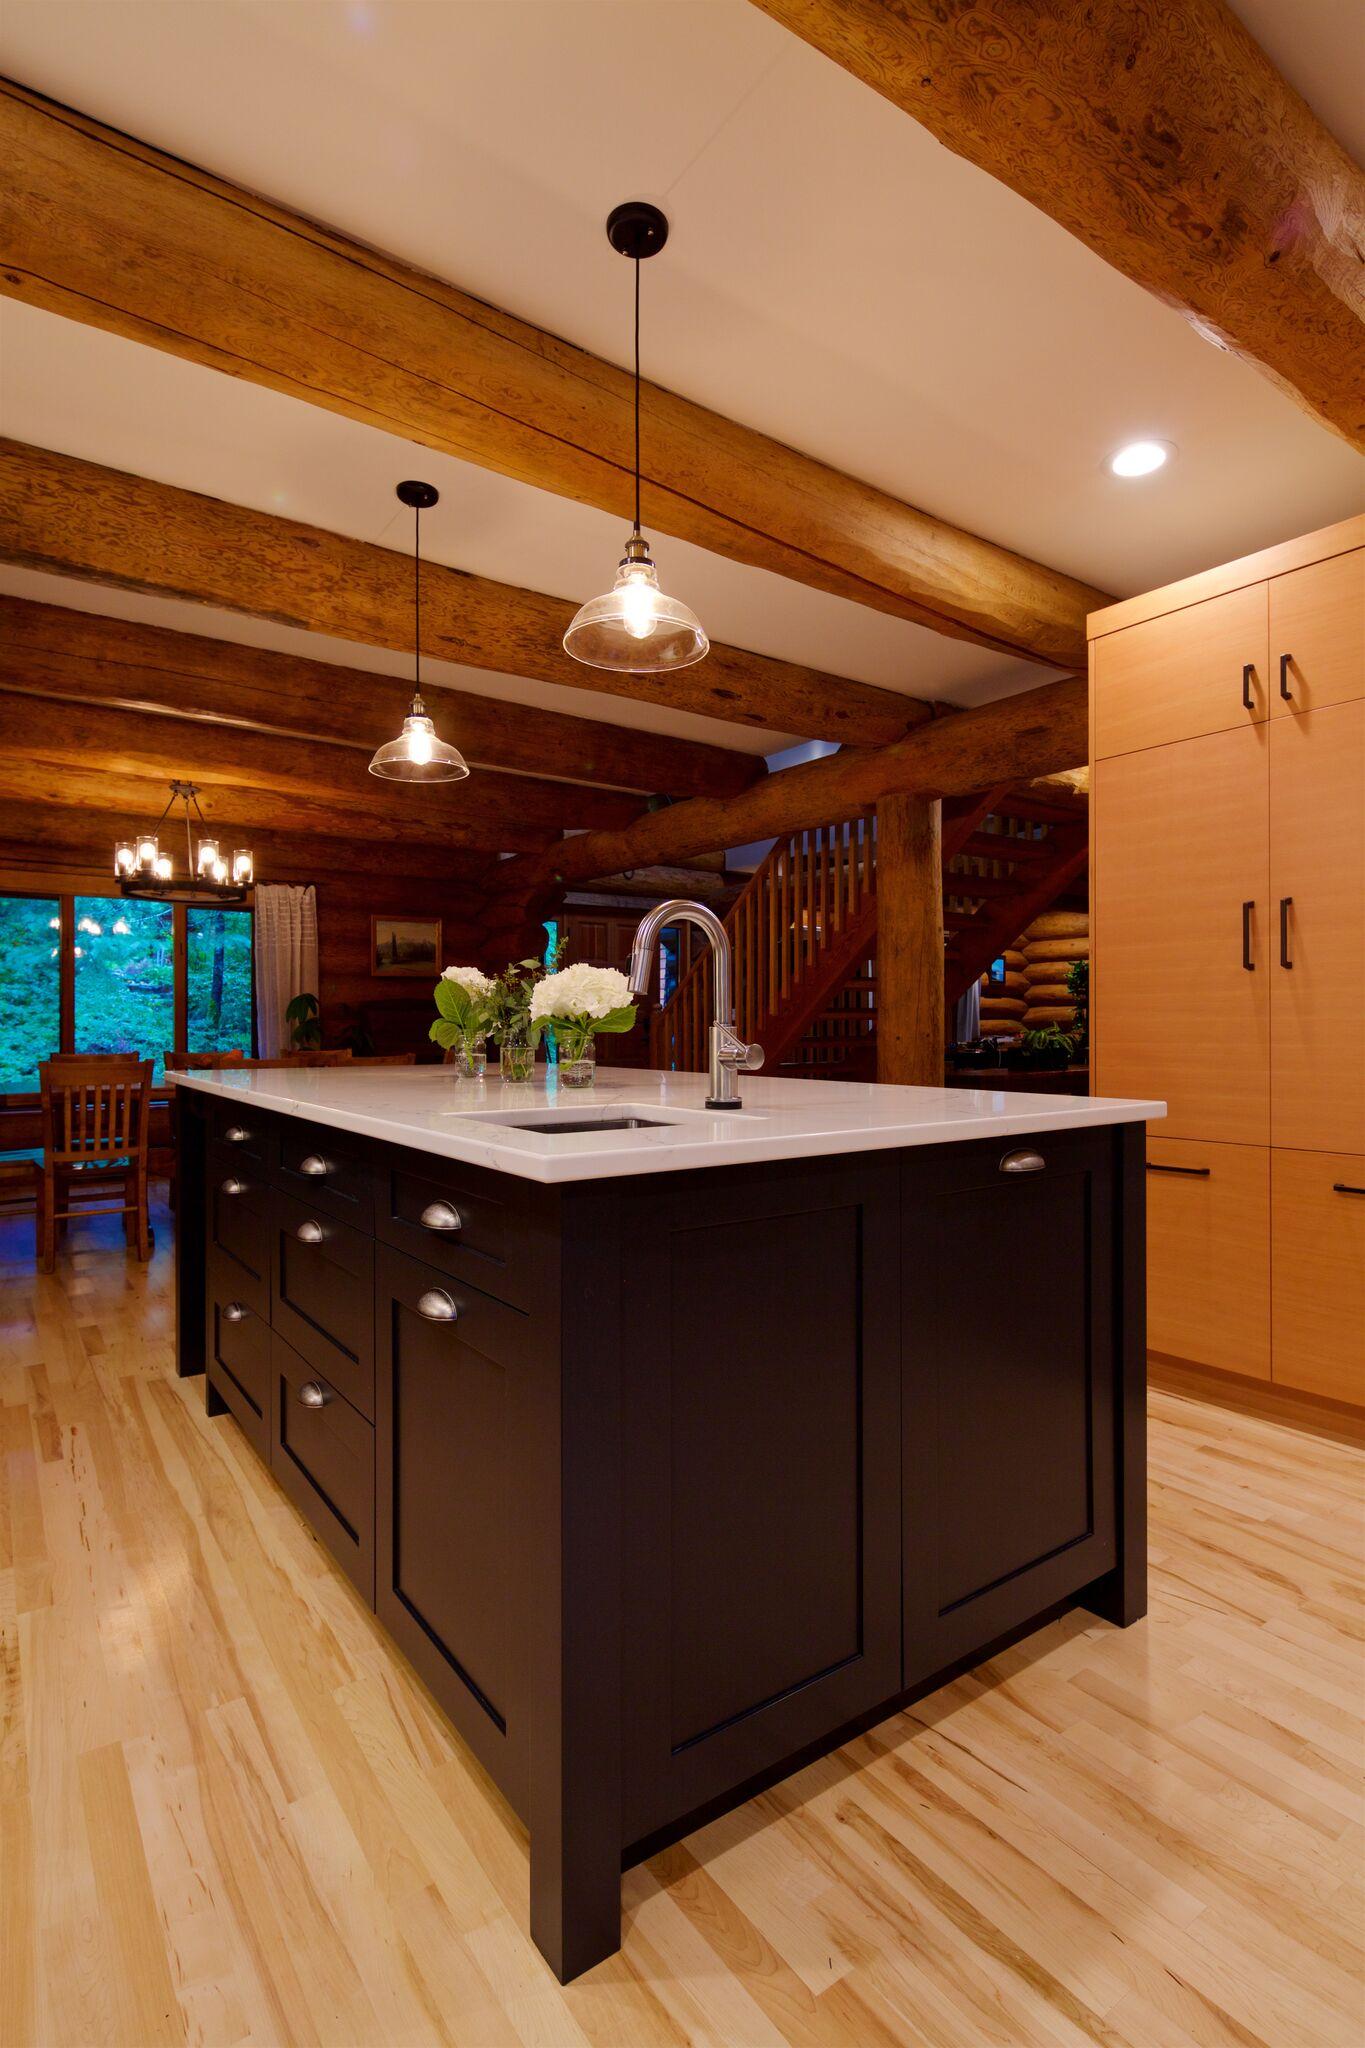 Contemporary Log House